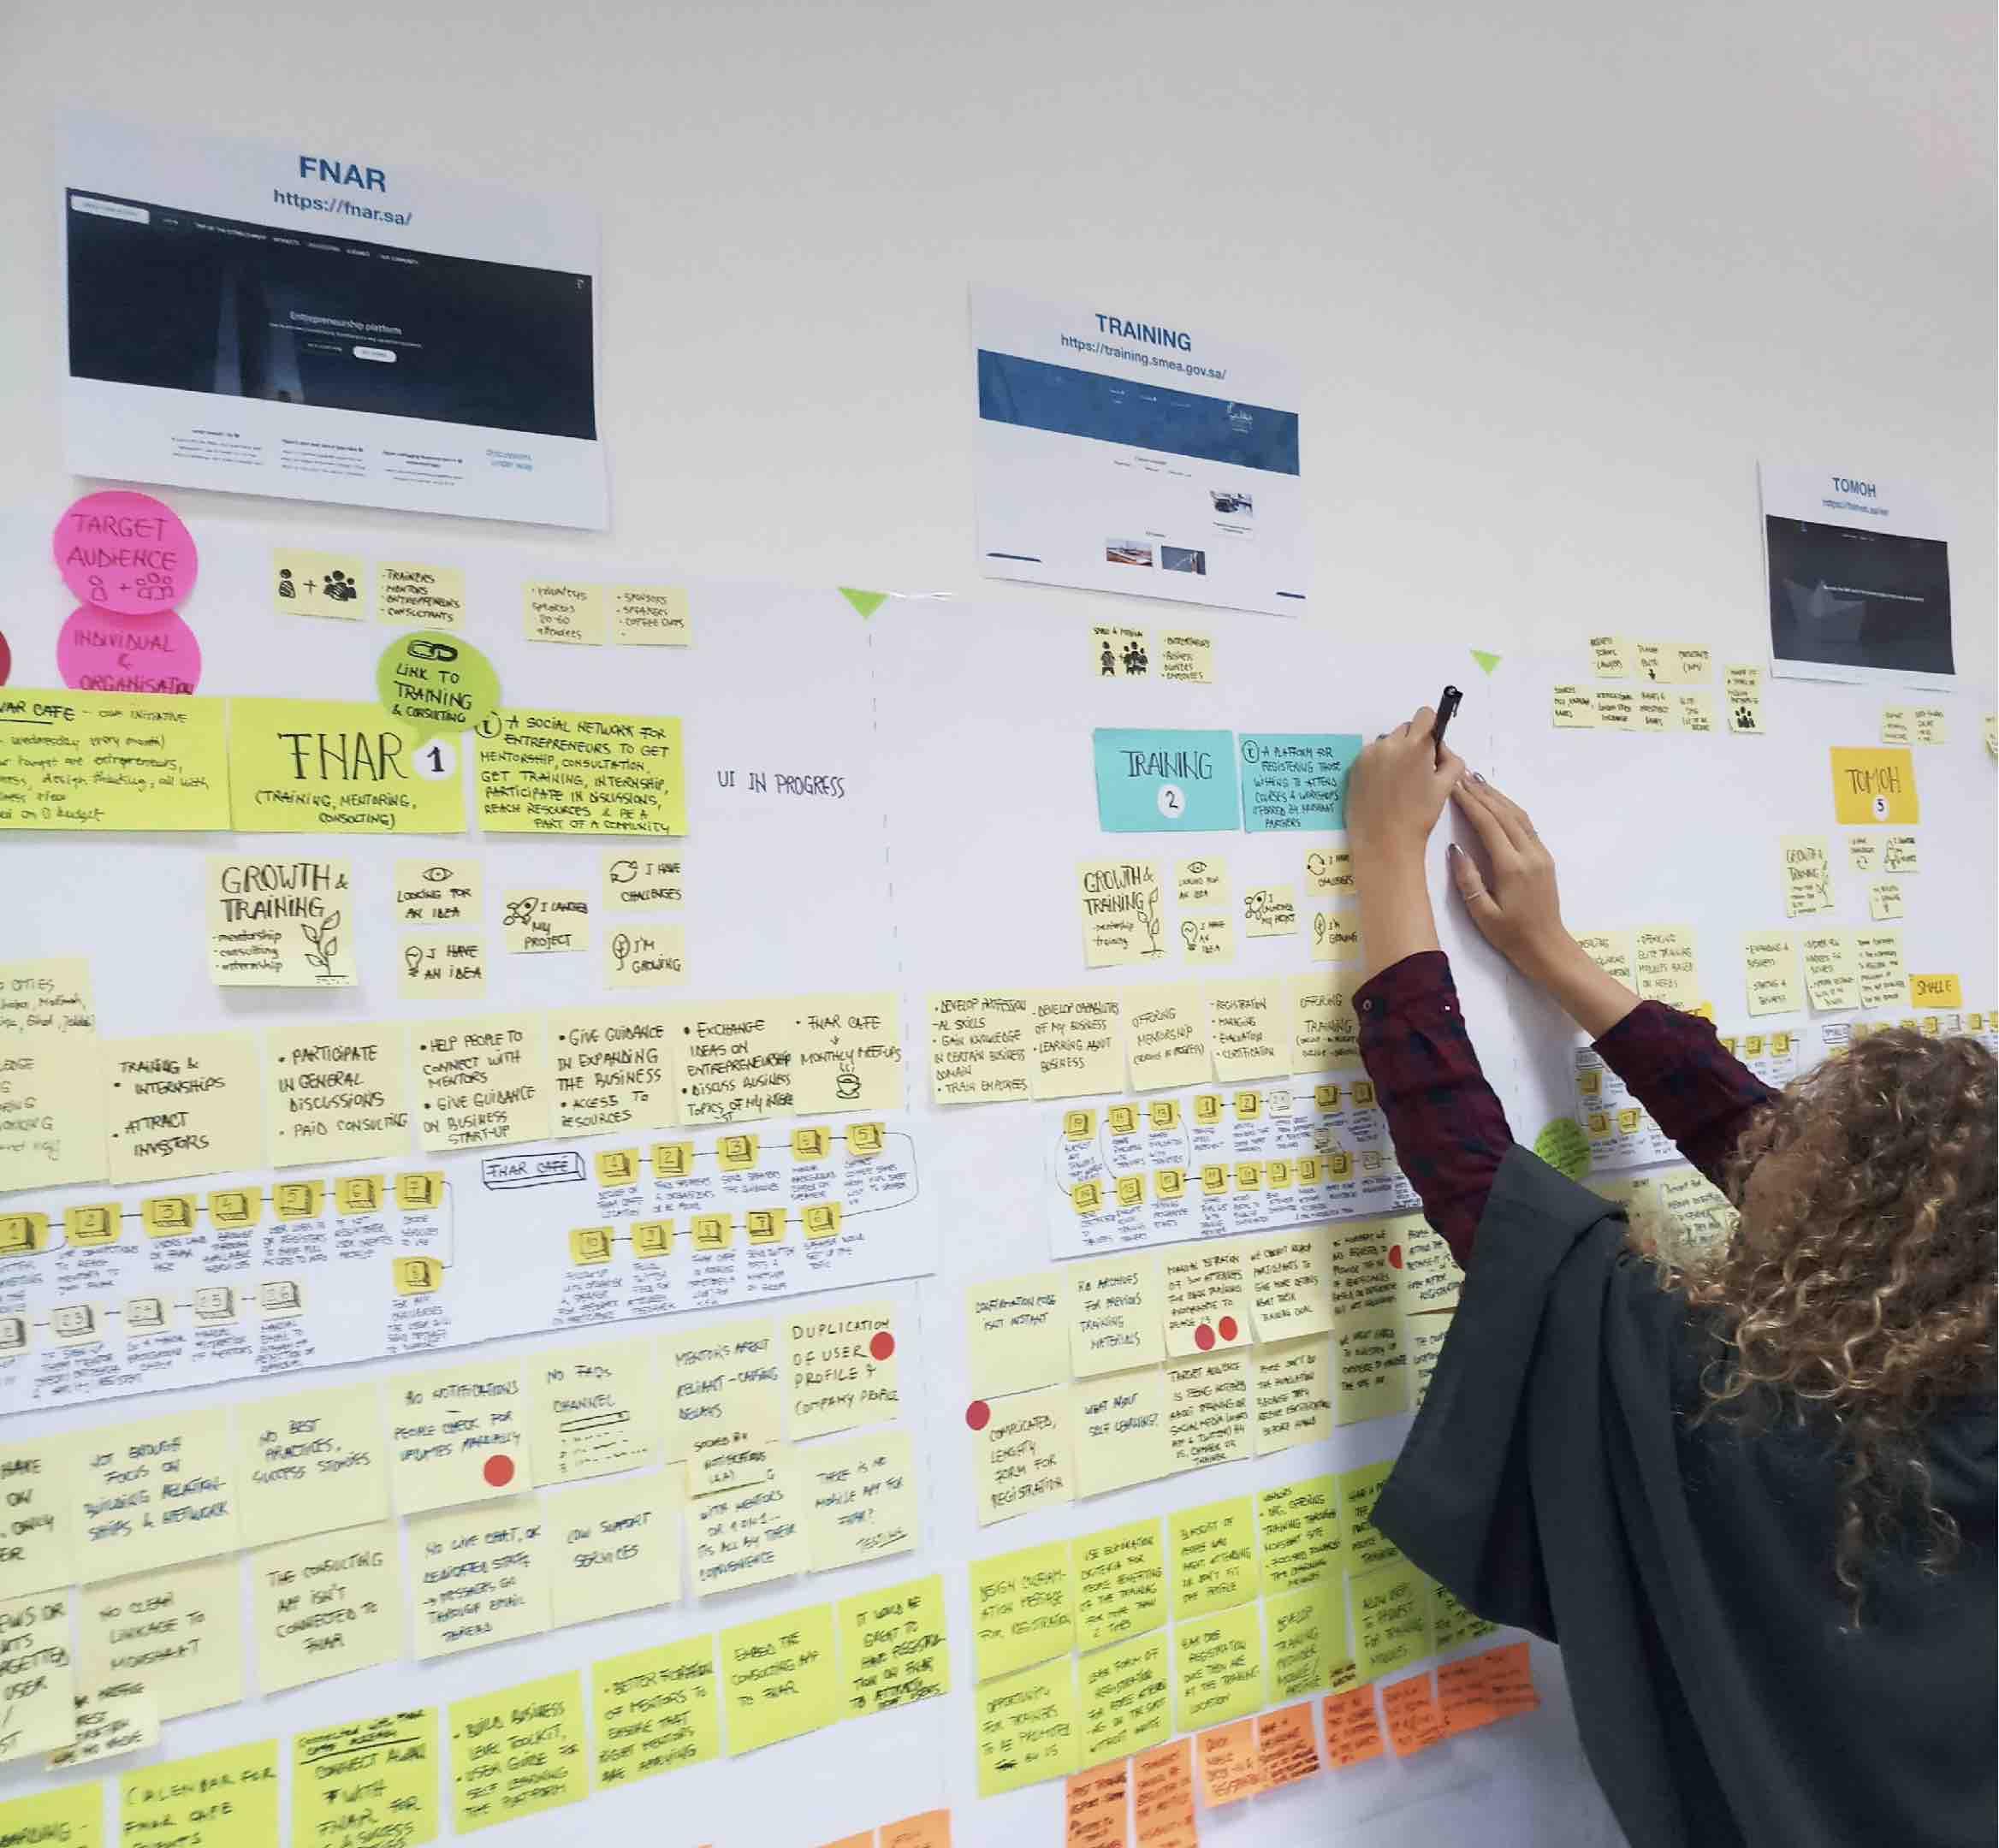 ورش عمل استراتيجية العلامة التجارية